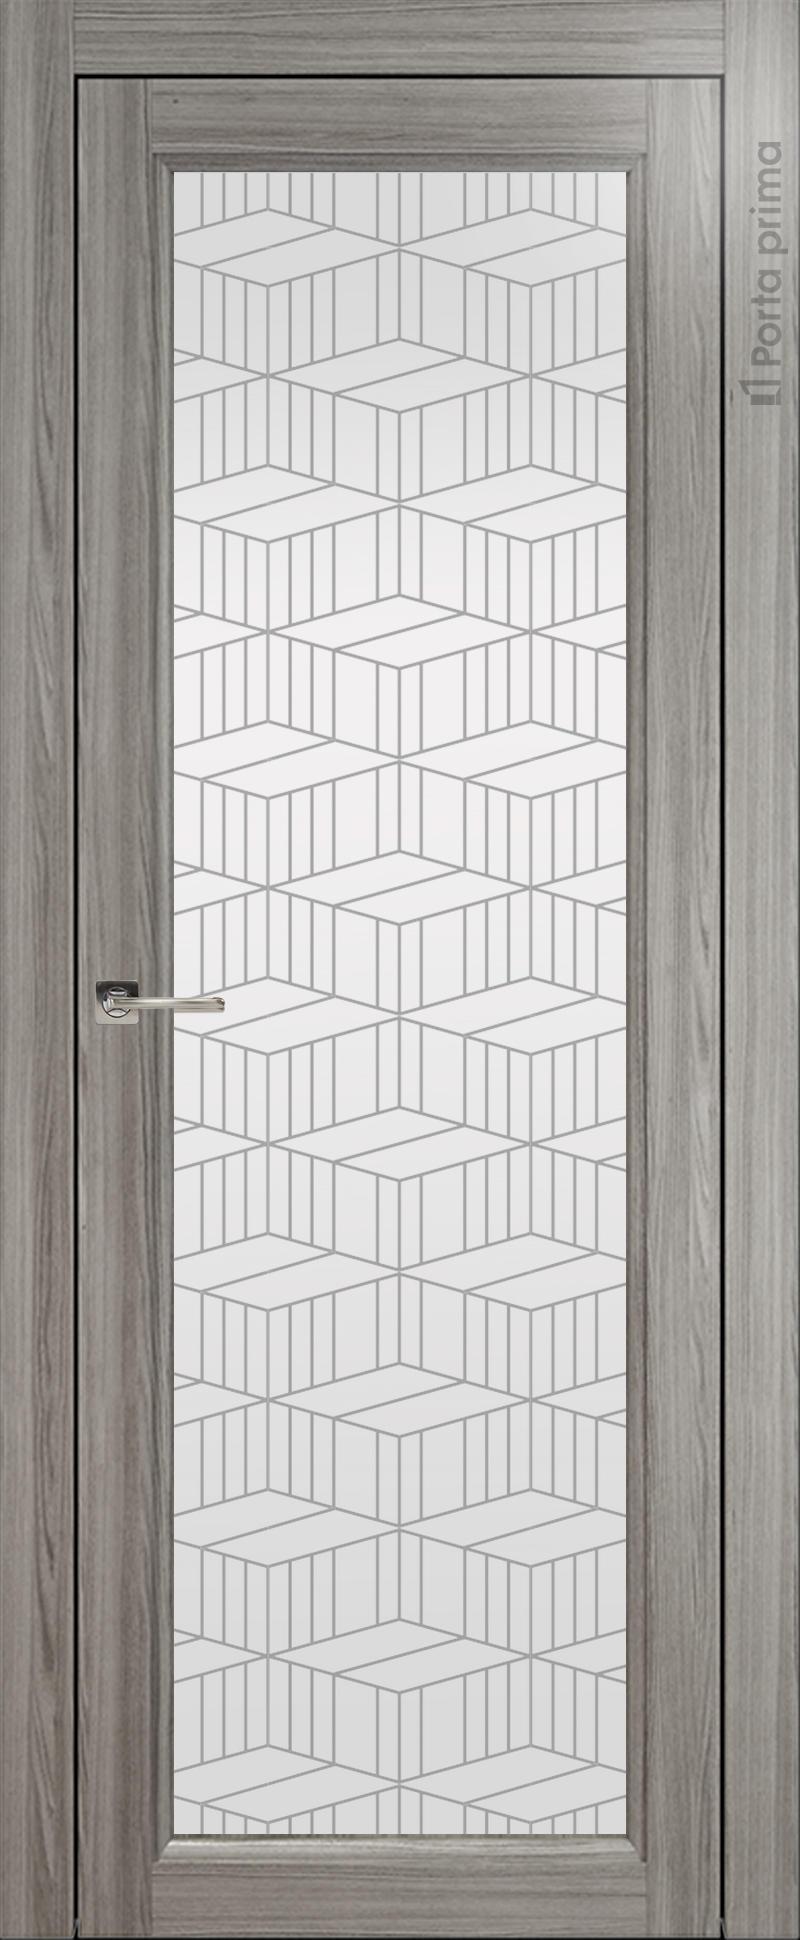 Sorrento-R В4 цвет - Орех пепельный Со стеклом (ДО)